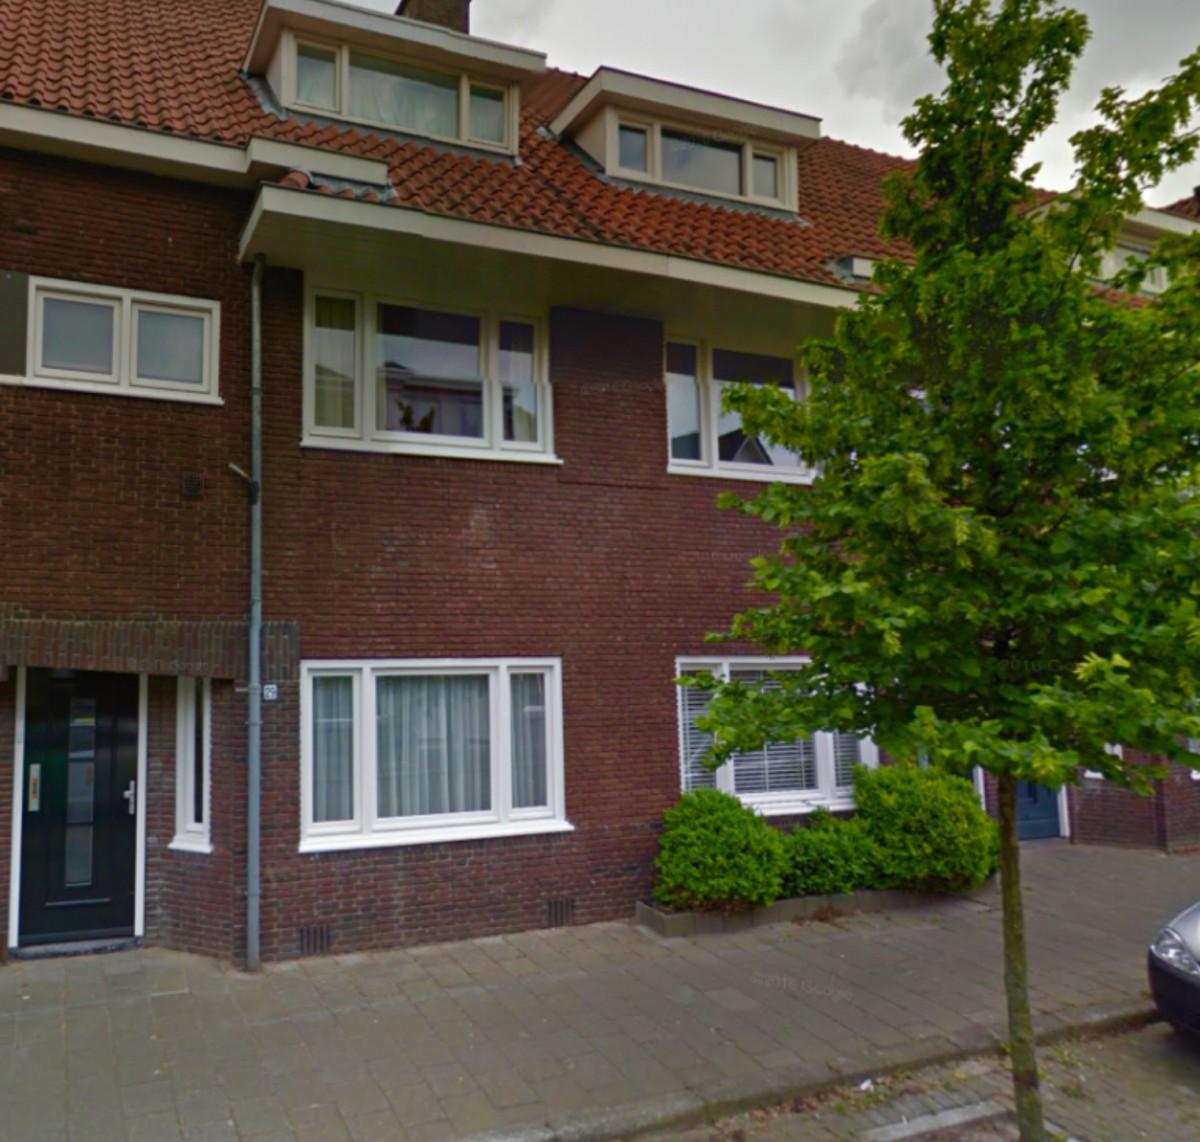 Julianastraat 29 Eindhoven – Benedenverdieping